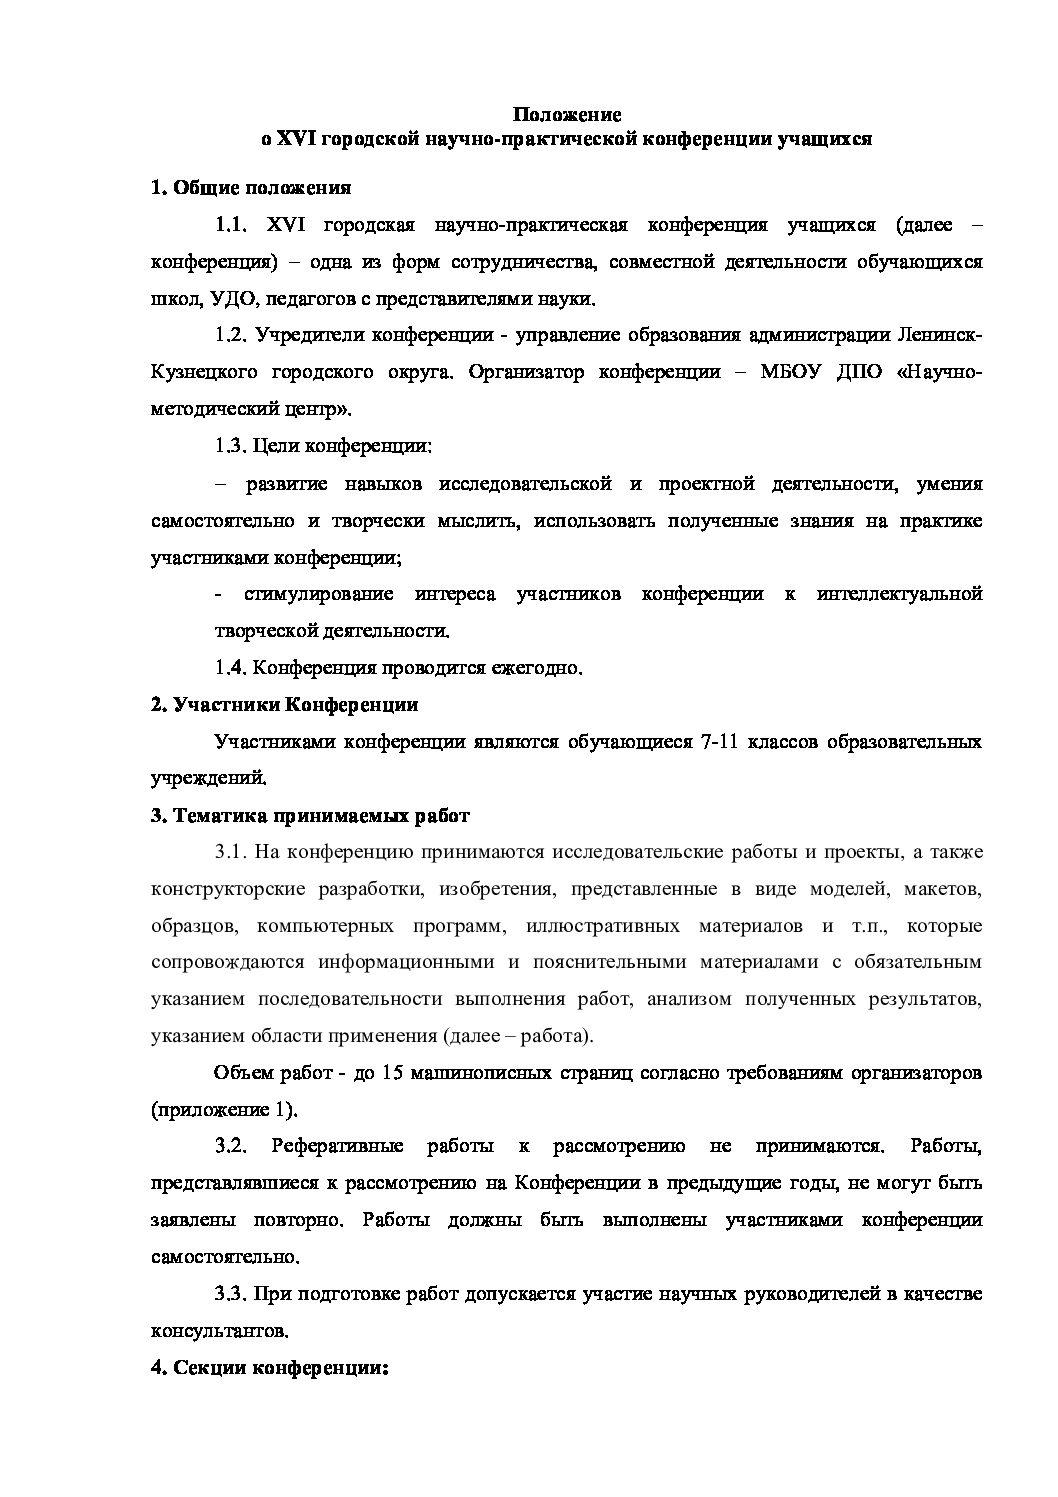 XVI городская научно-практическая конференция учащихся (7-11 классы)